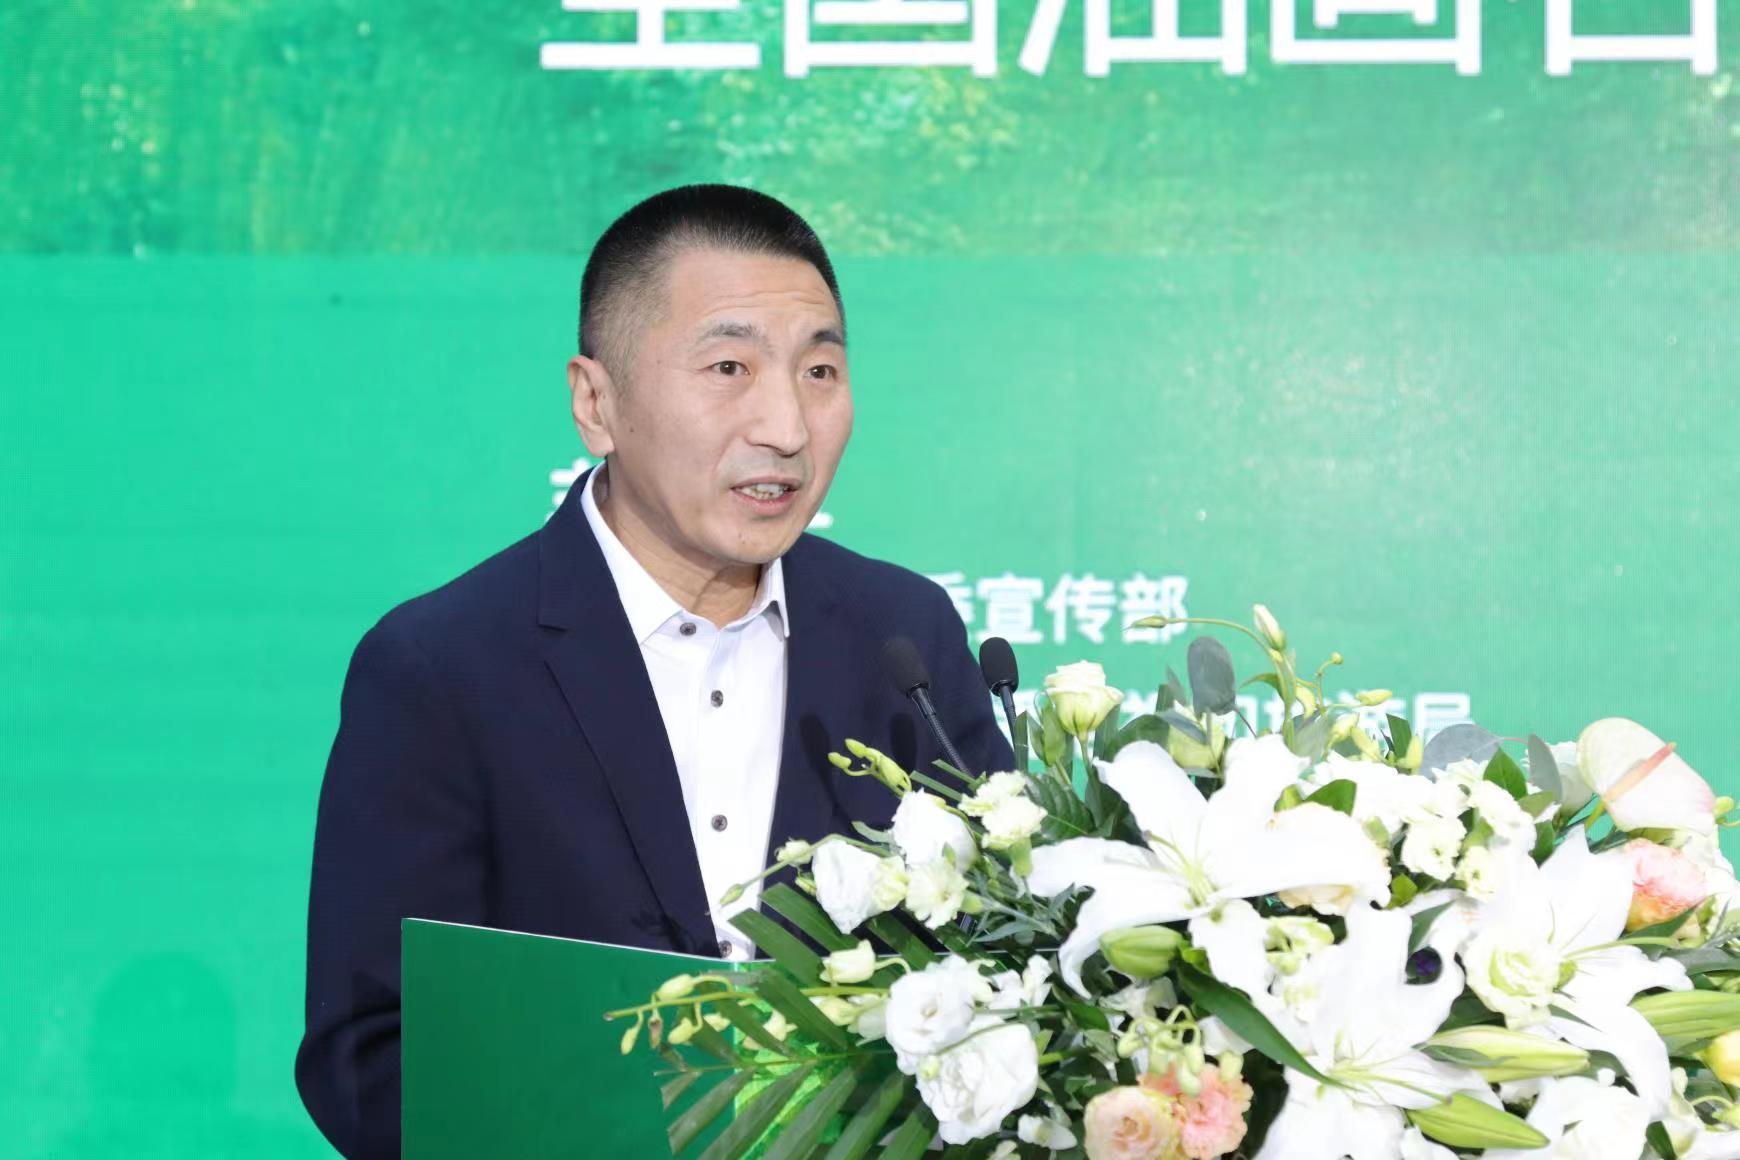 长春市委常委、宣传部长赵明致辞